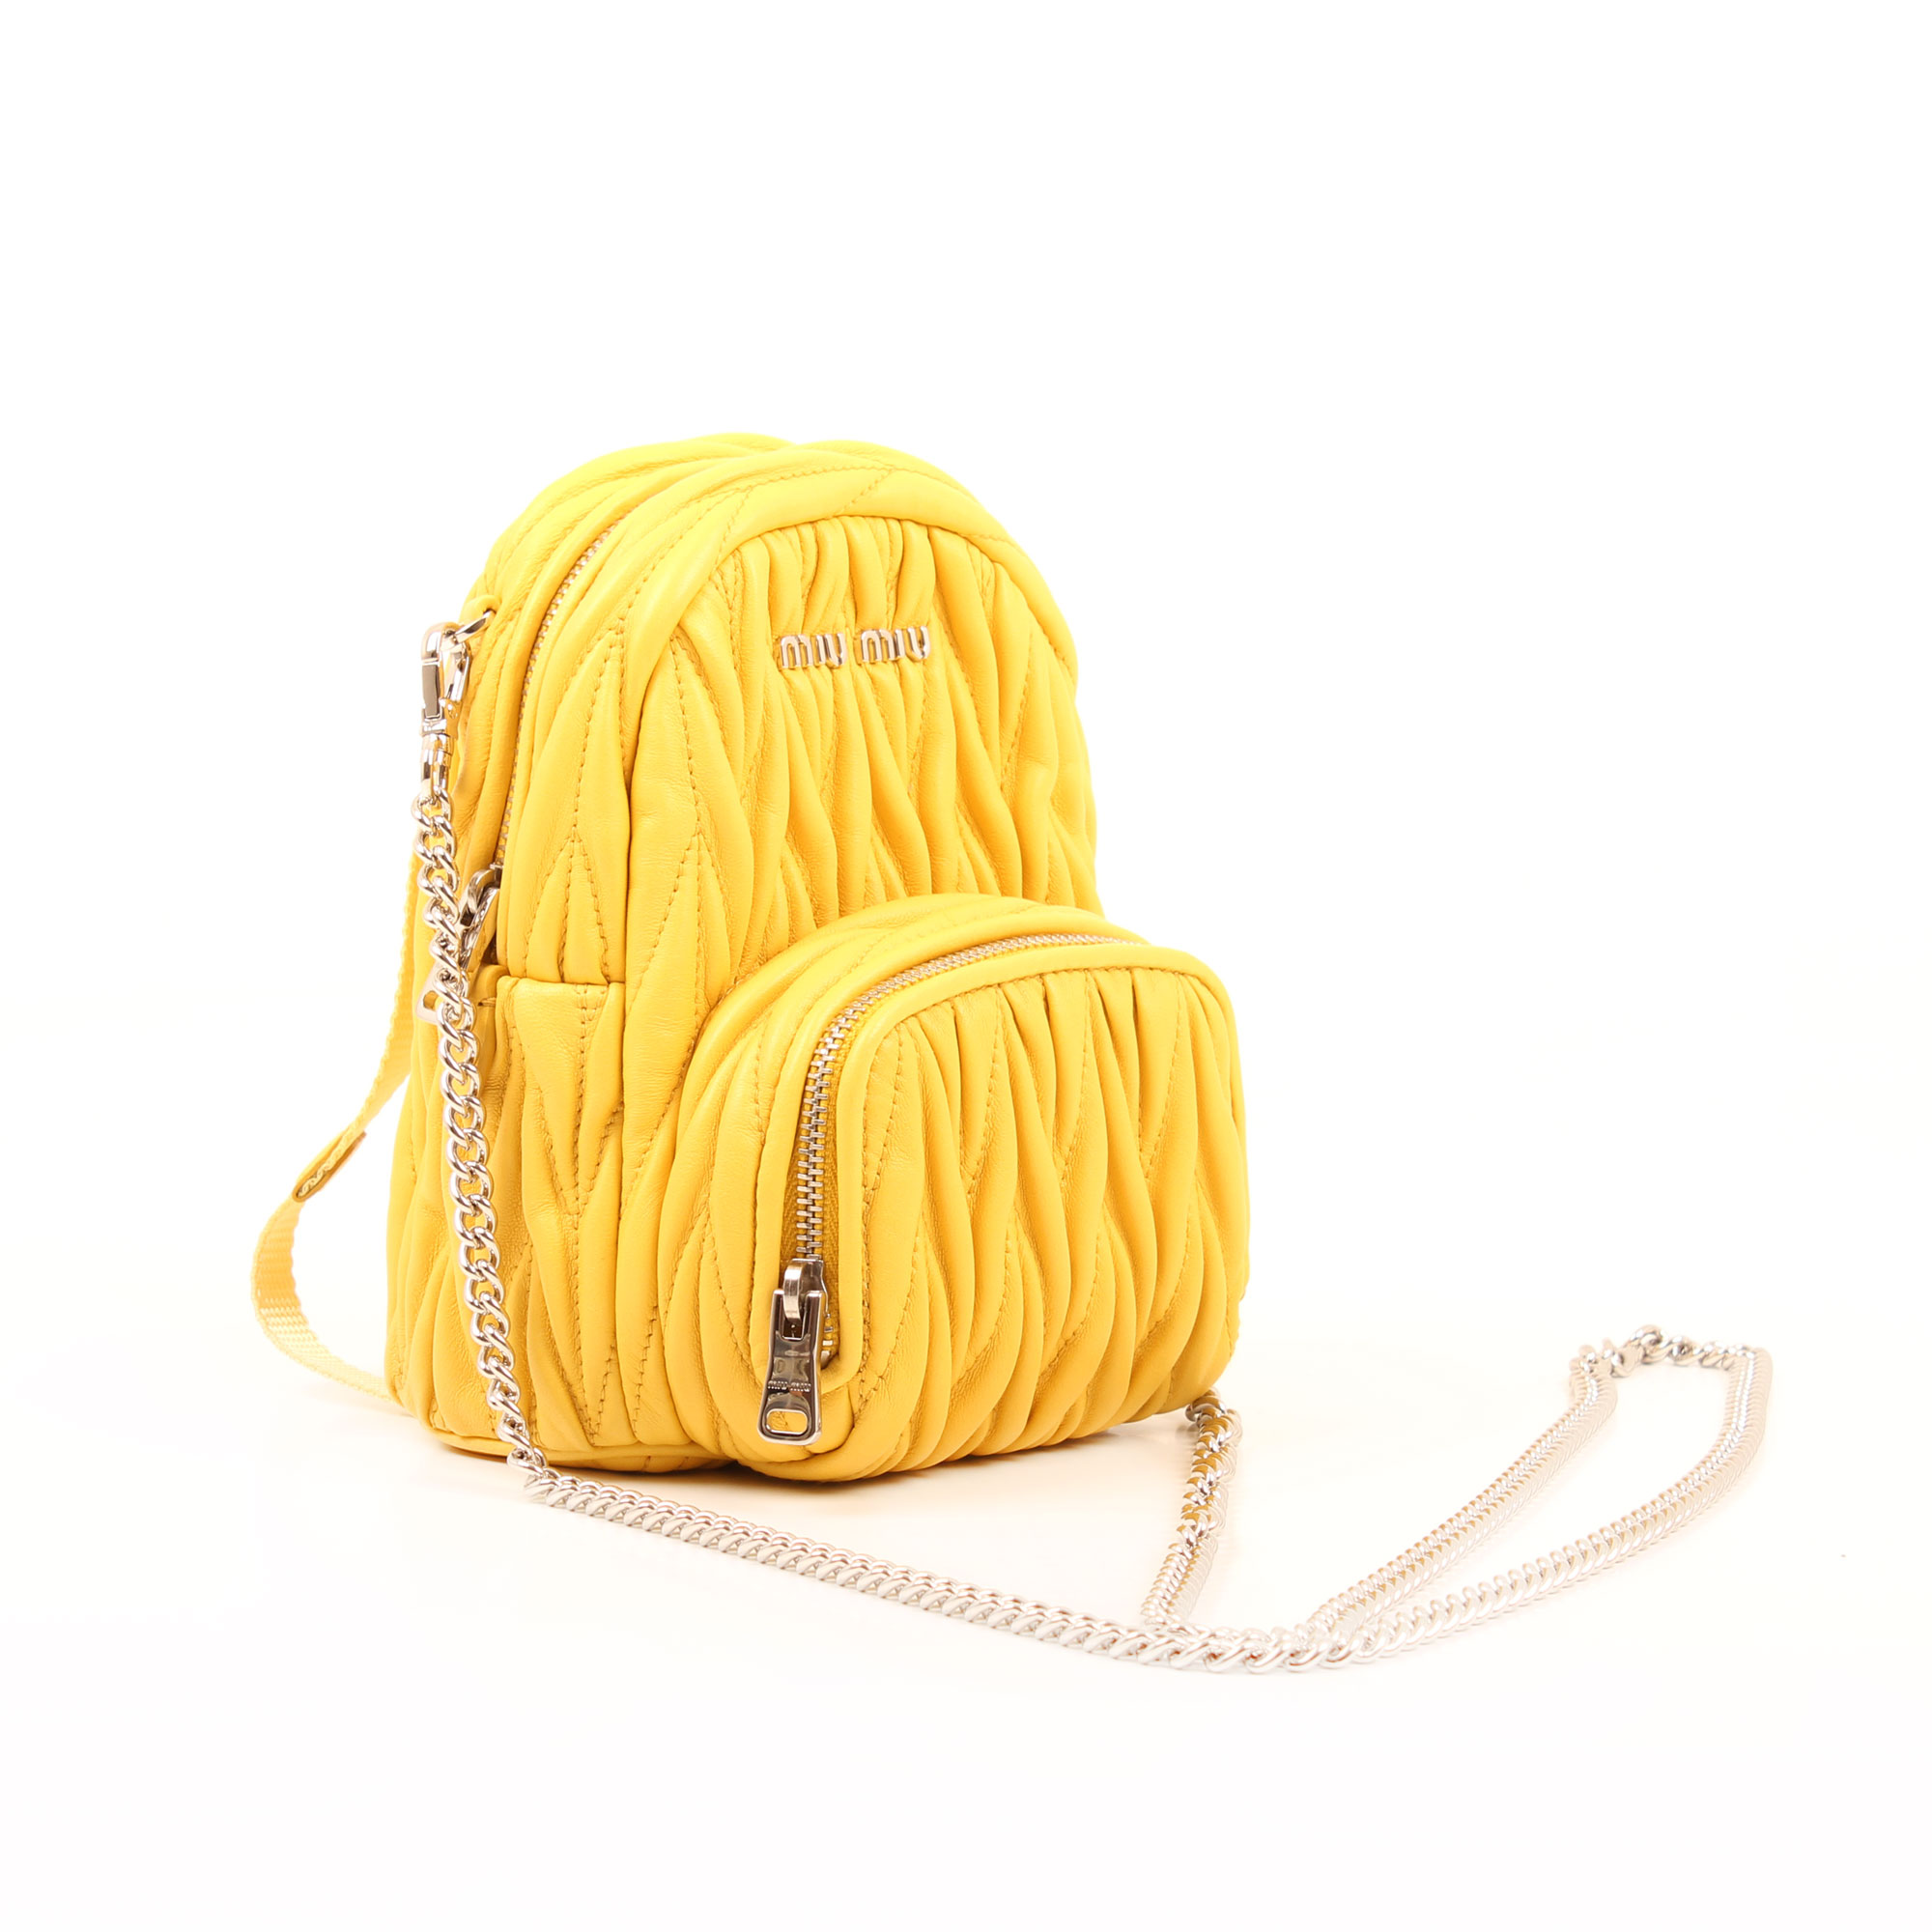 Imagen general del bolso miu miu matelasse mini mochila amarillo sole